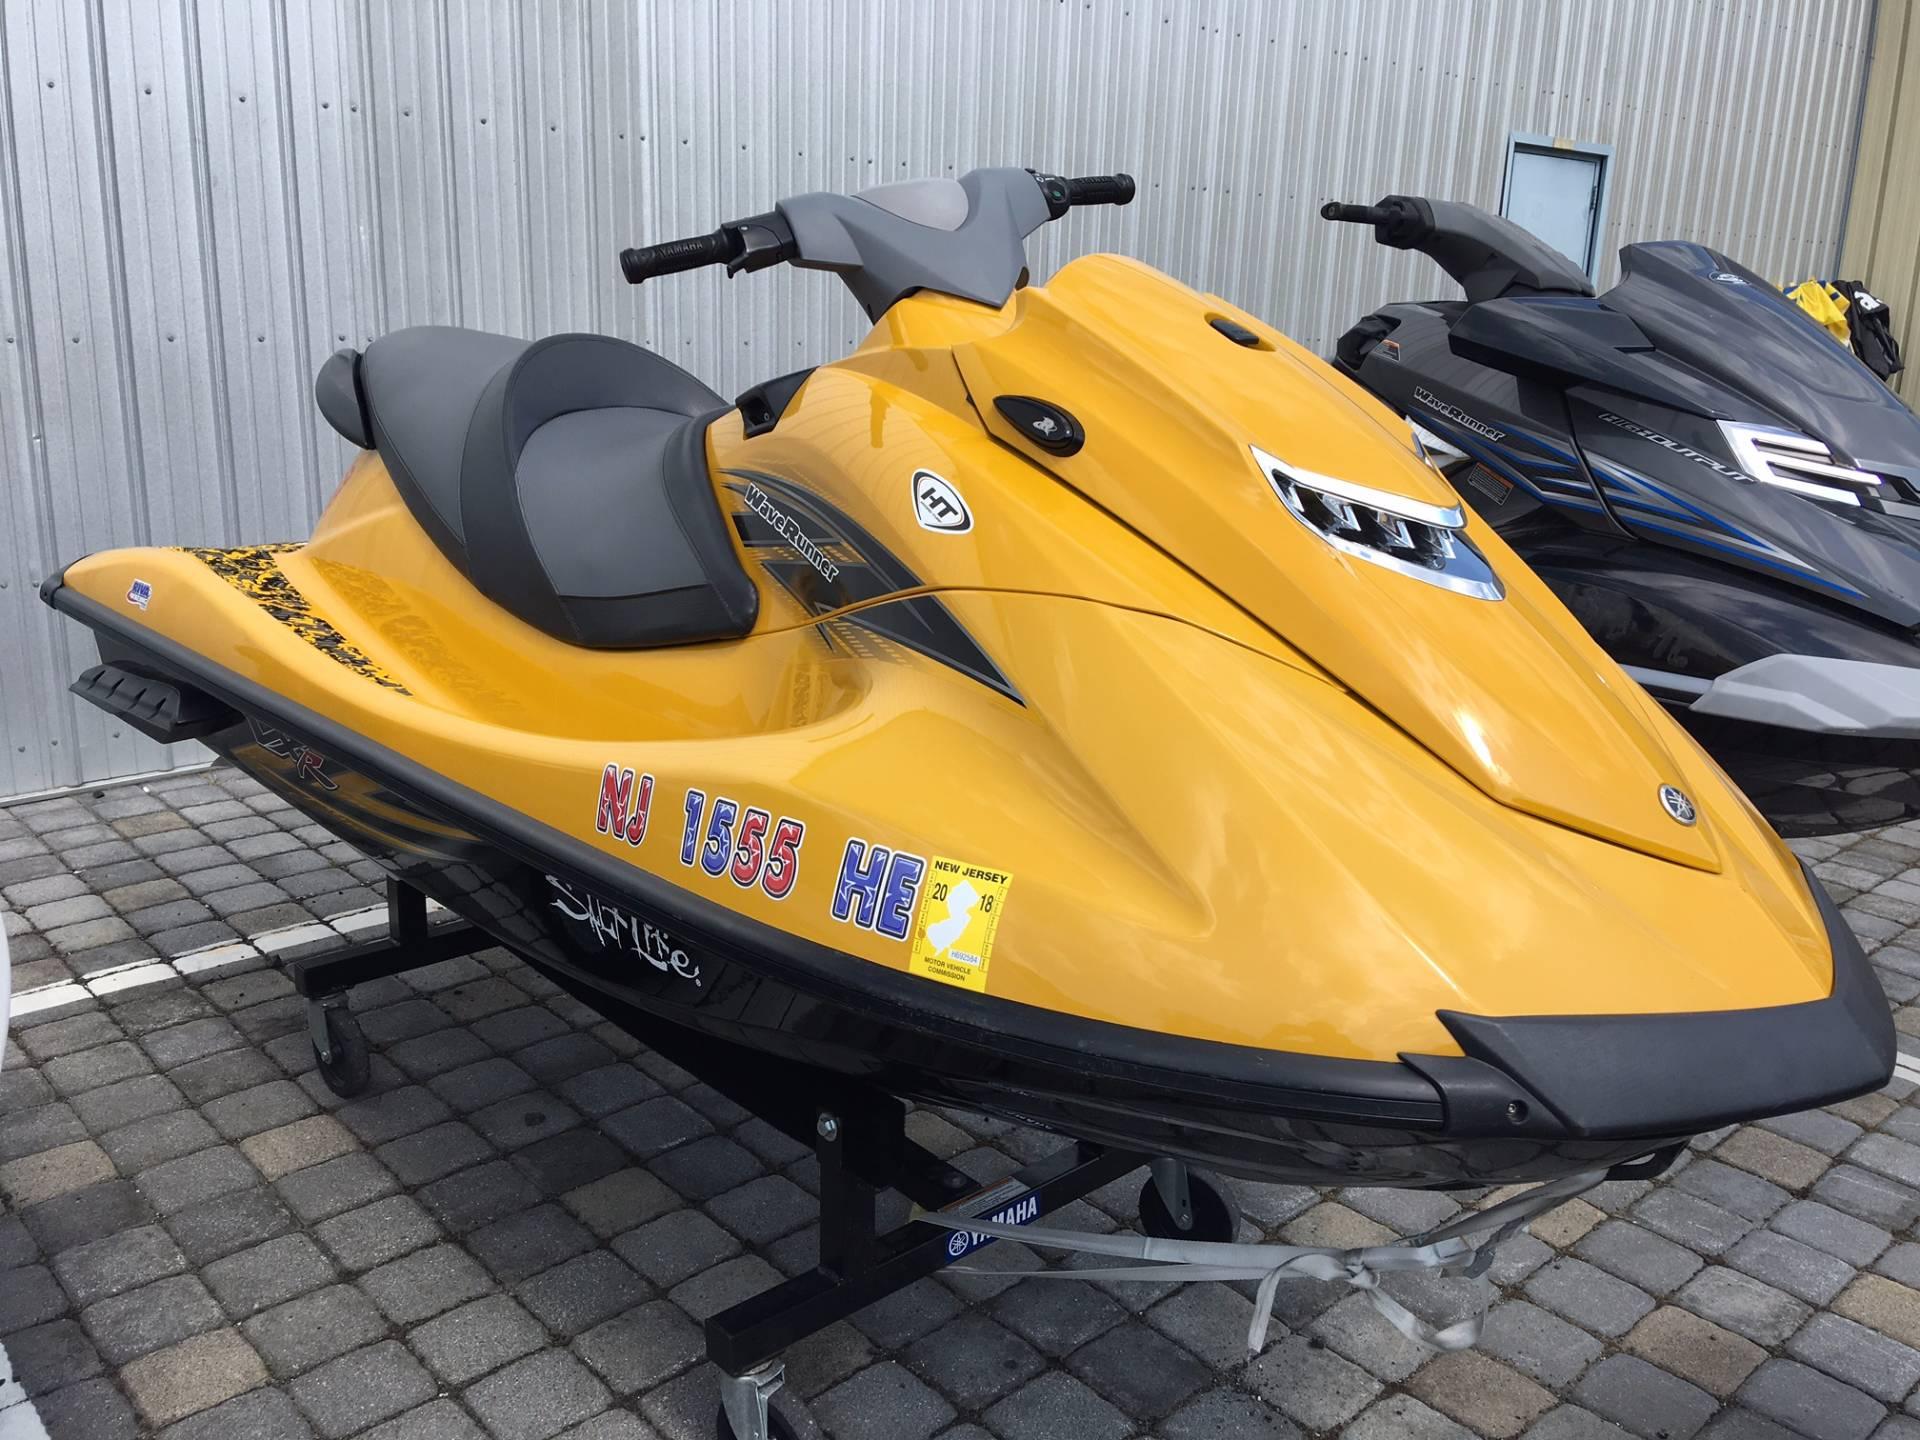 2013 Yamaha VXR 1